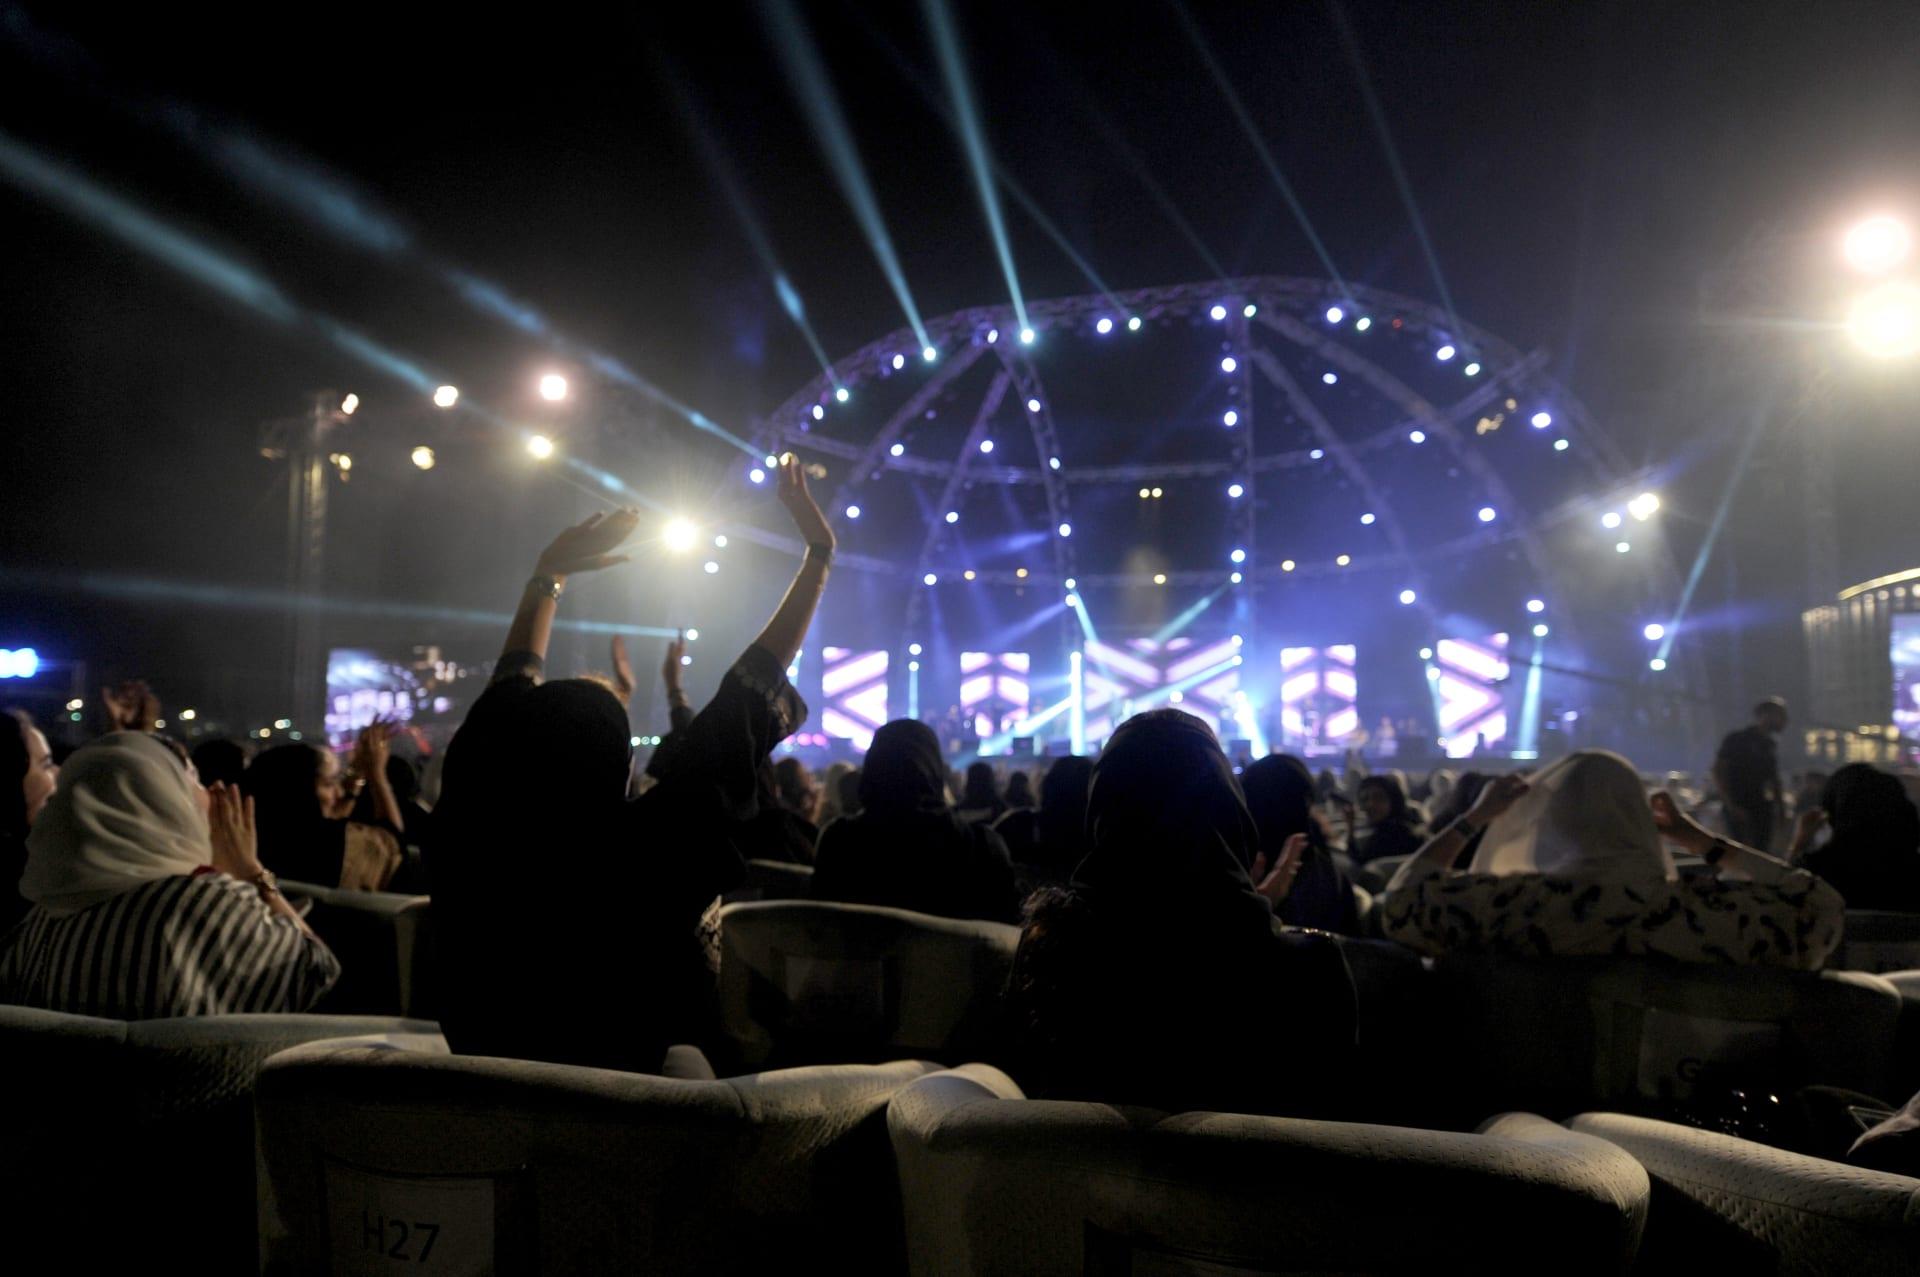 صورة من حفلة المغني المصري، تامر حسني، في المنطقة الغربية من مدينة جدة، يوم 30 مارس/ آذار 2018.